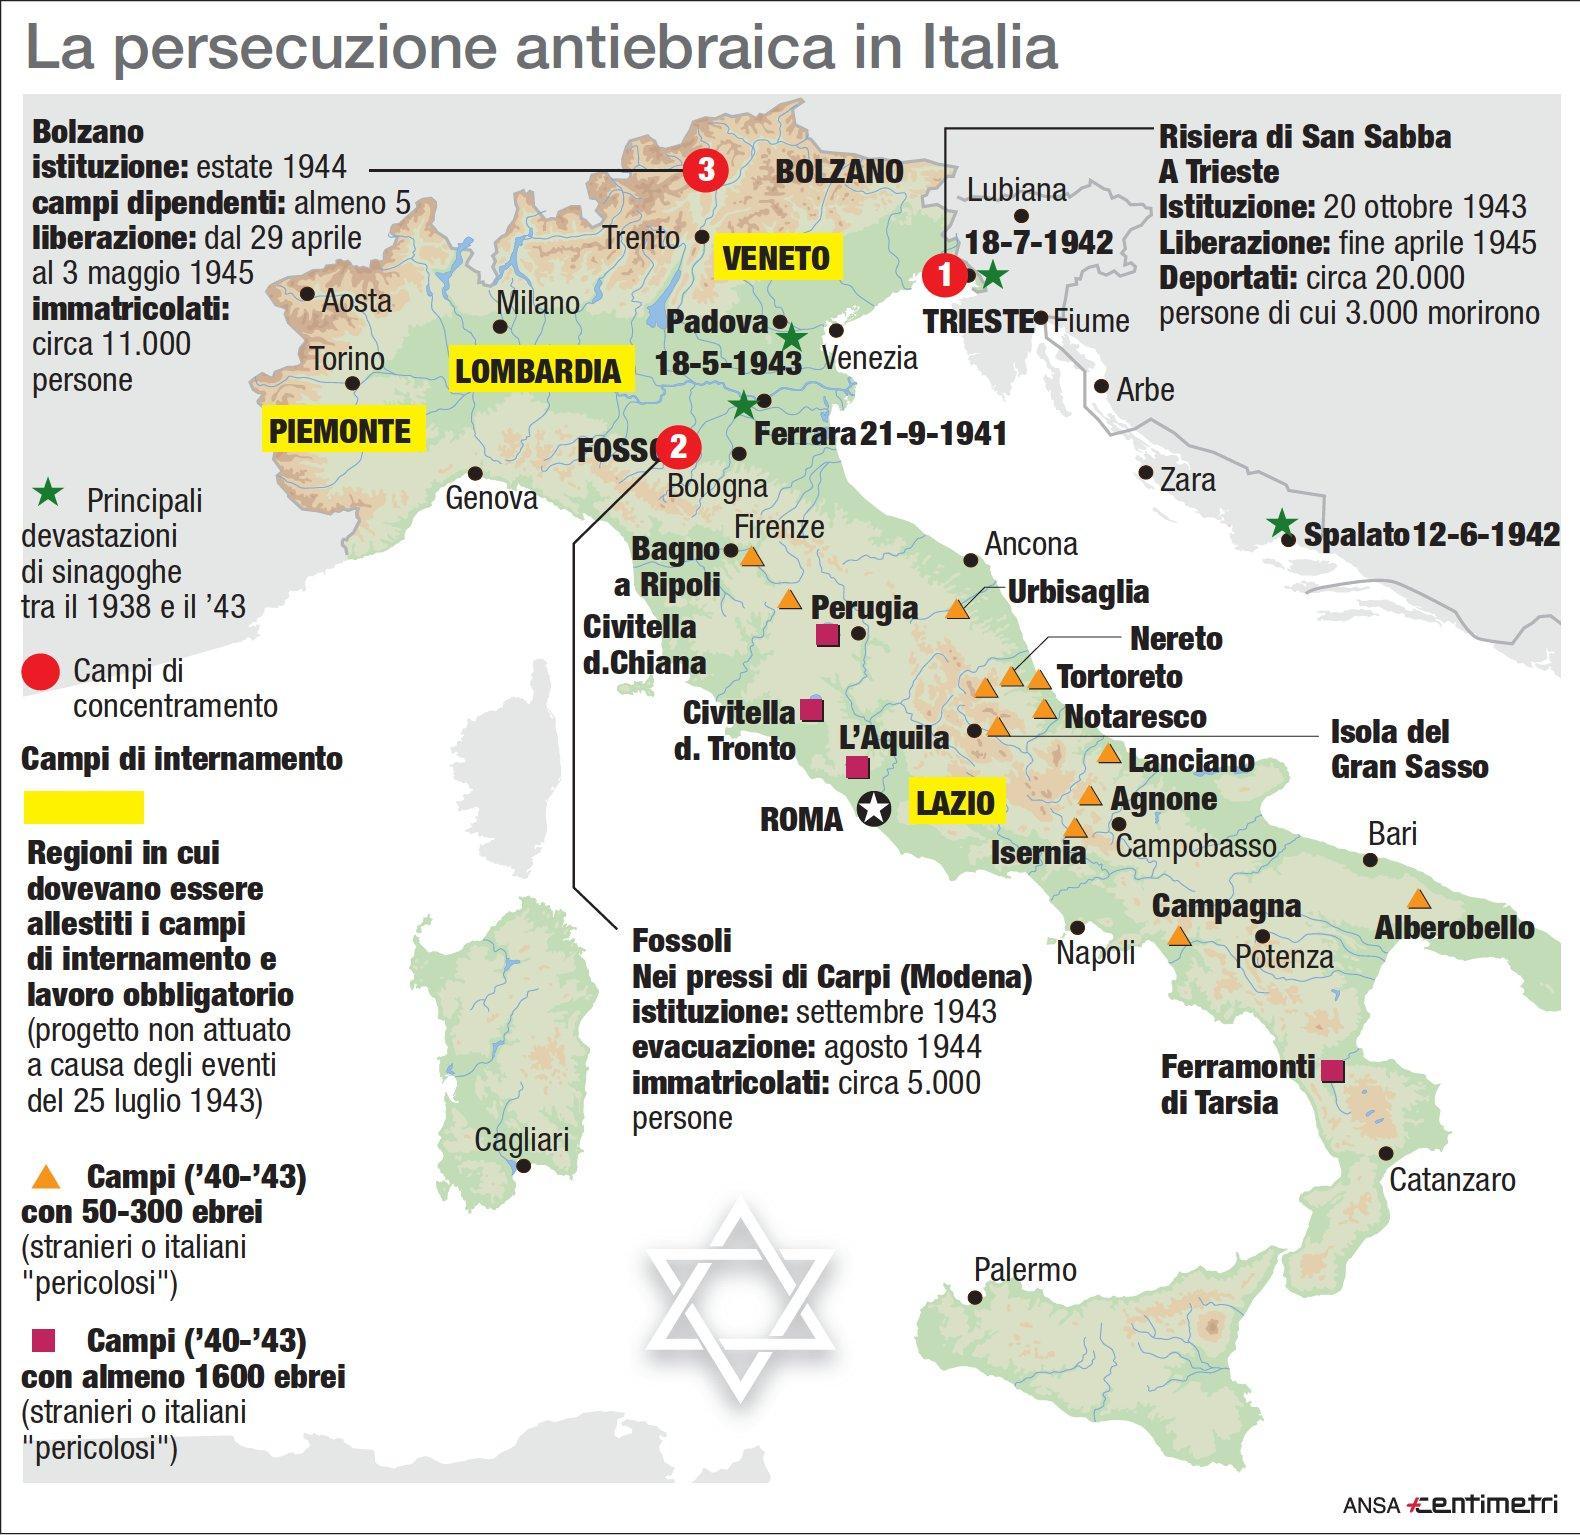 Giorno della memoria: i luoghi della persecuzione in Italia